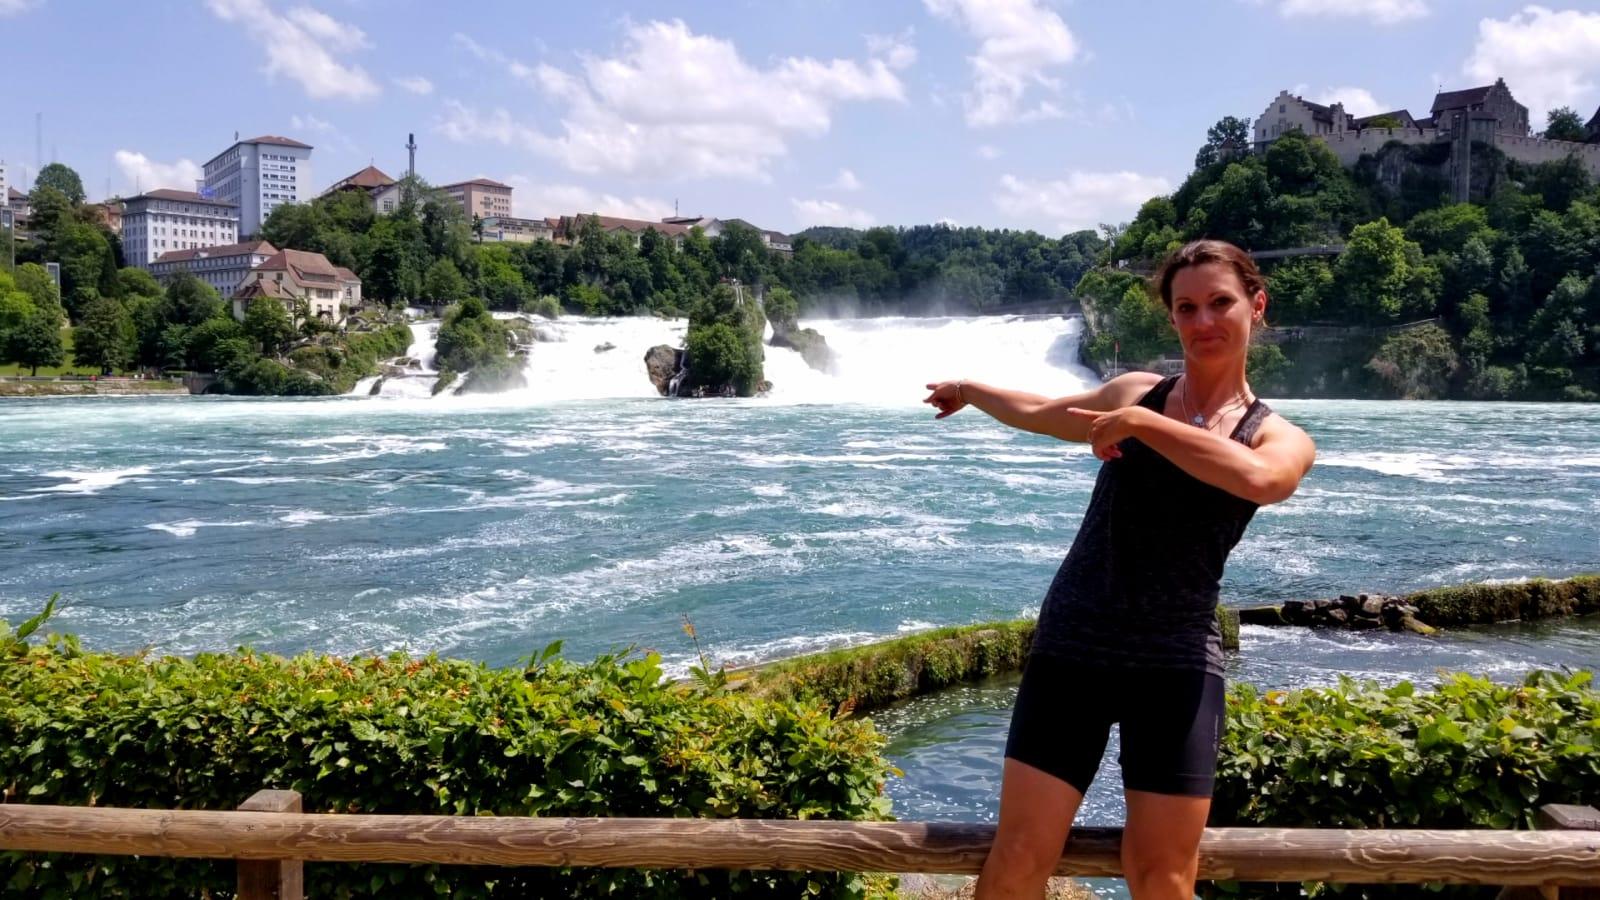 Das deutsche Pendant zu den Niagara Fällen - die Rheinfälle